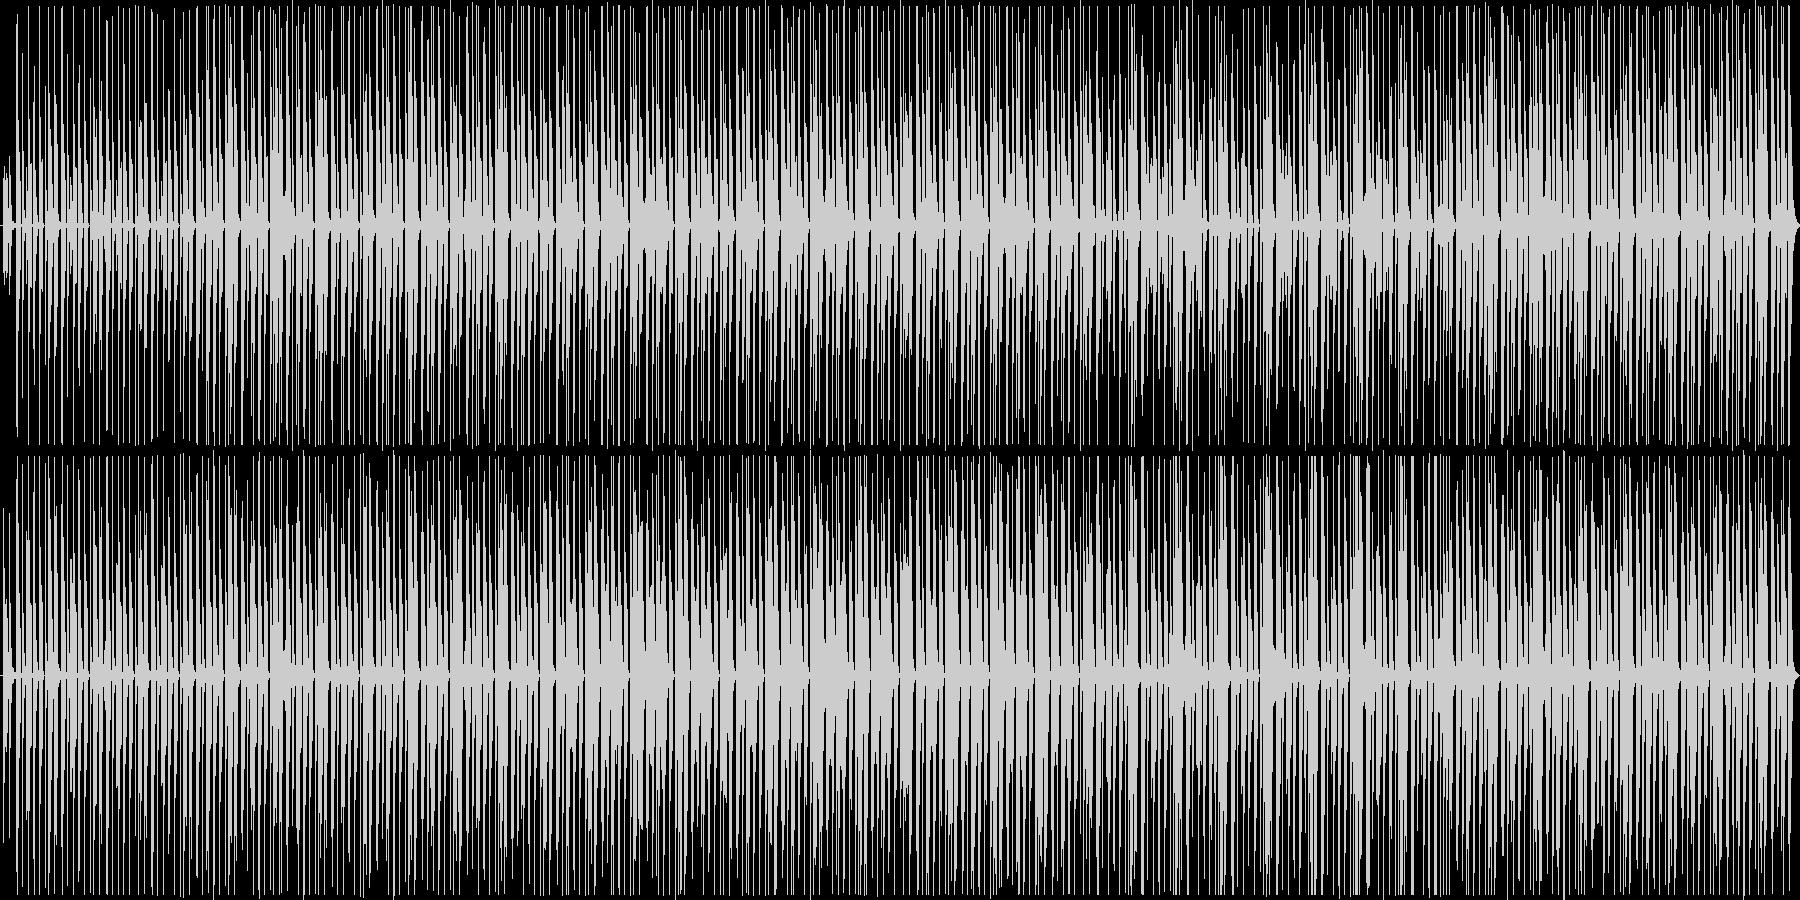 楽しい生音エレクトロニカ風[ループ仕様]の未再生の波形